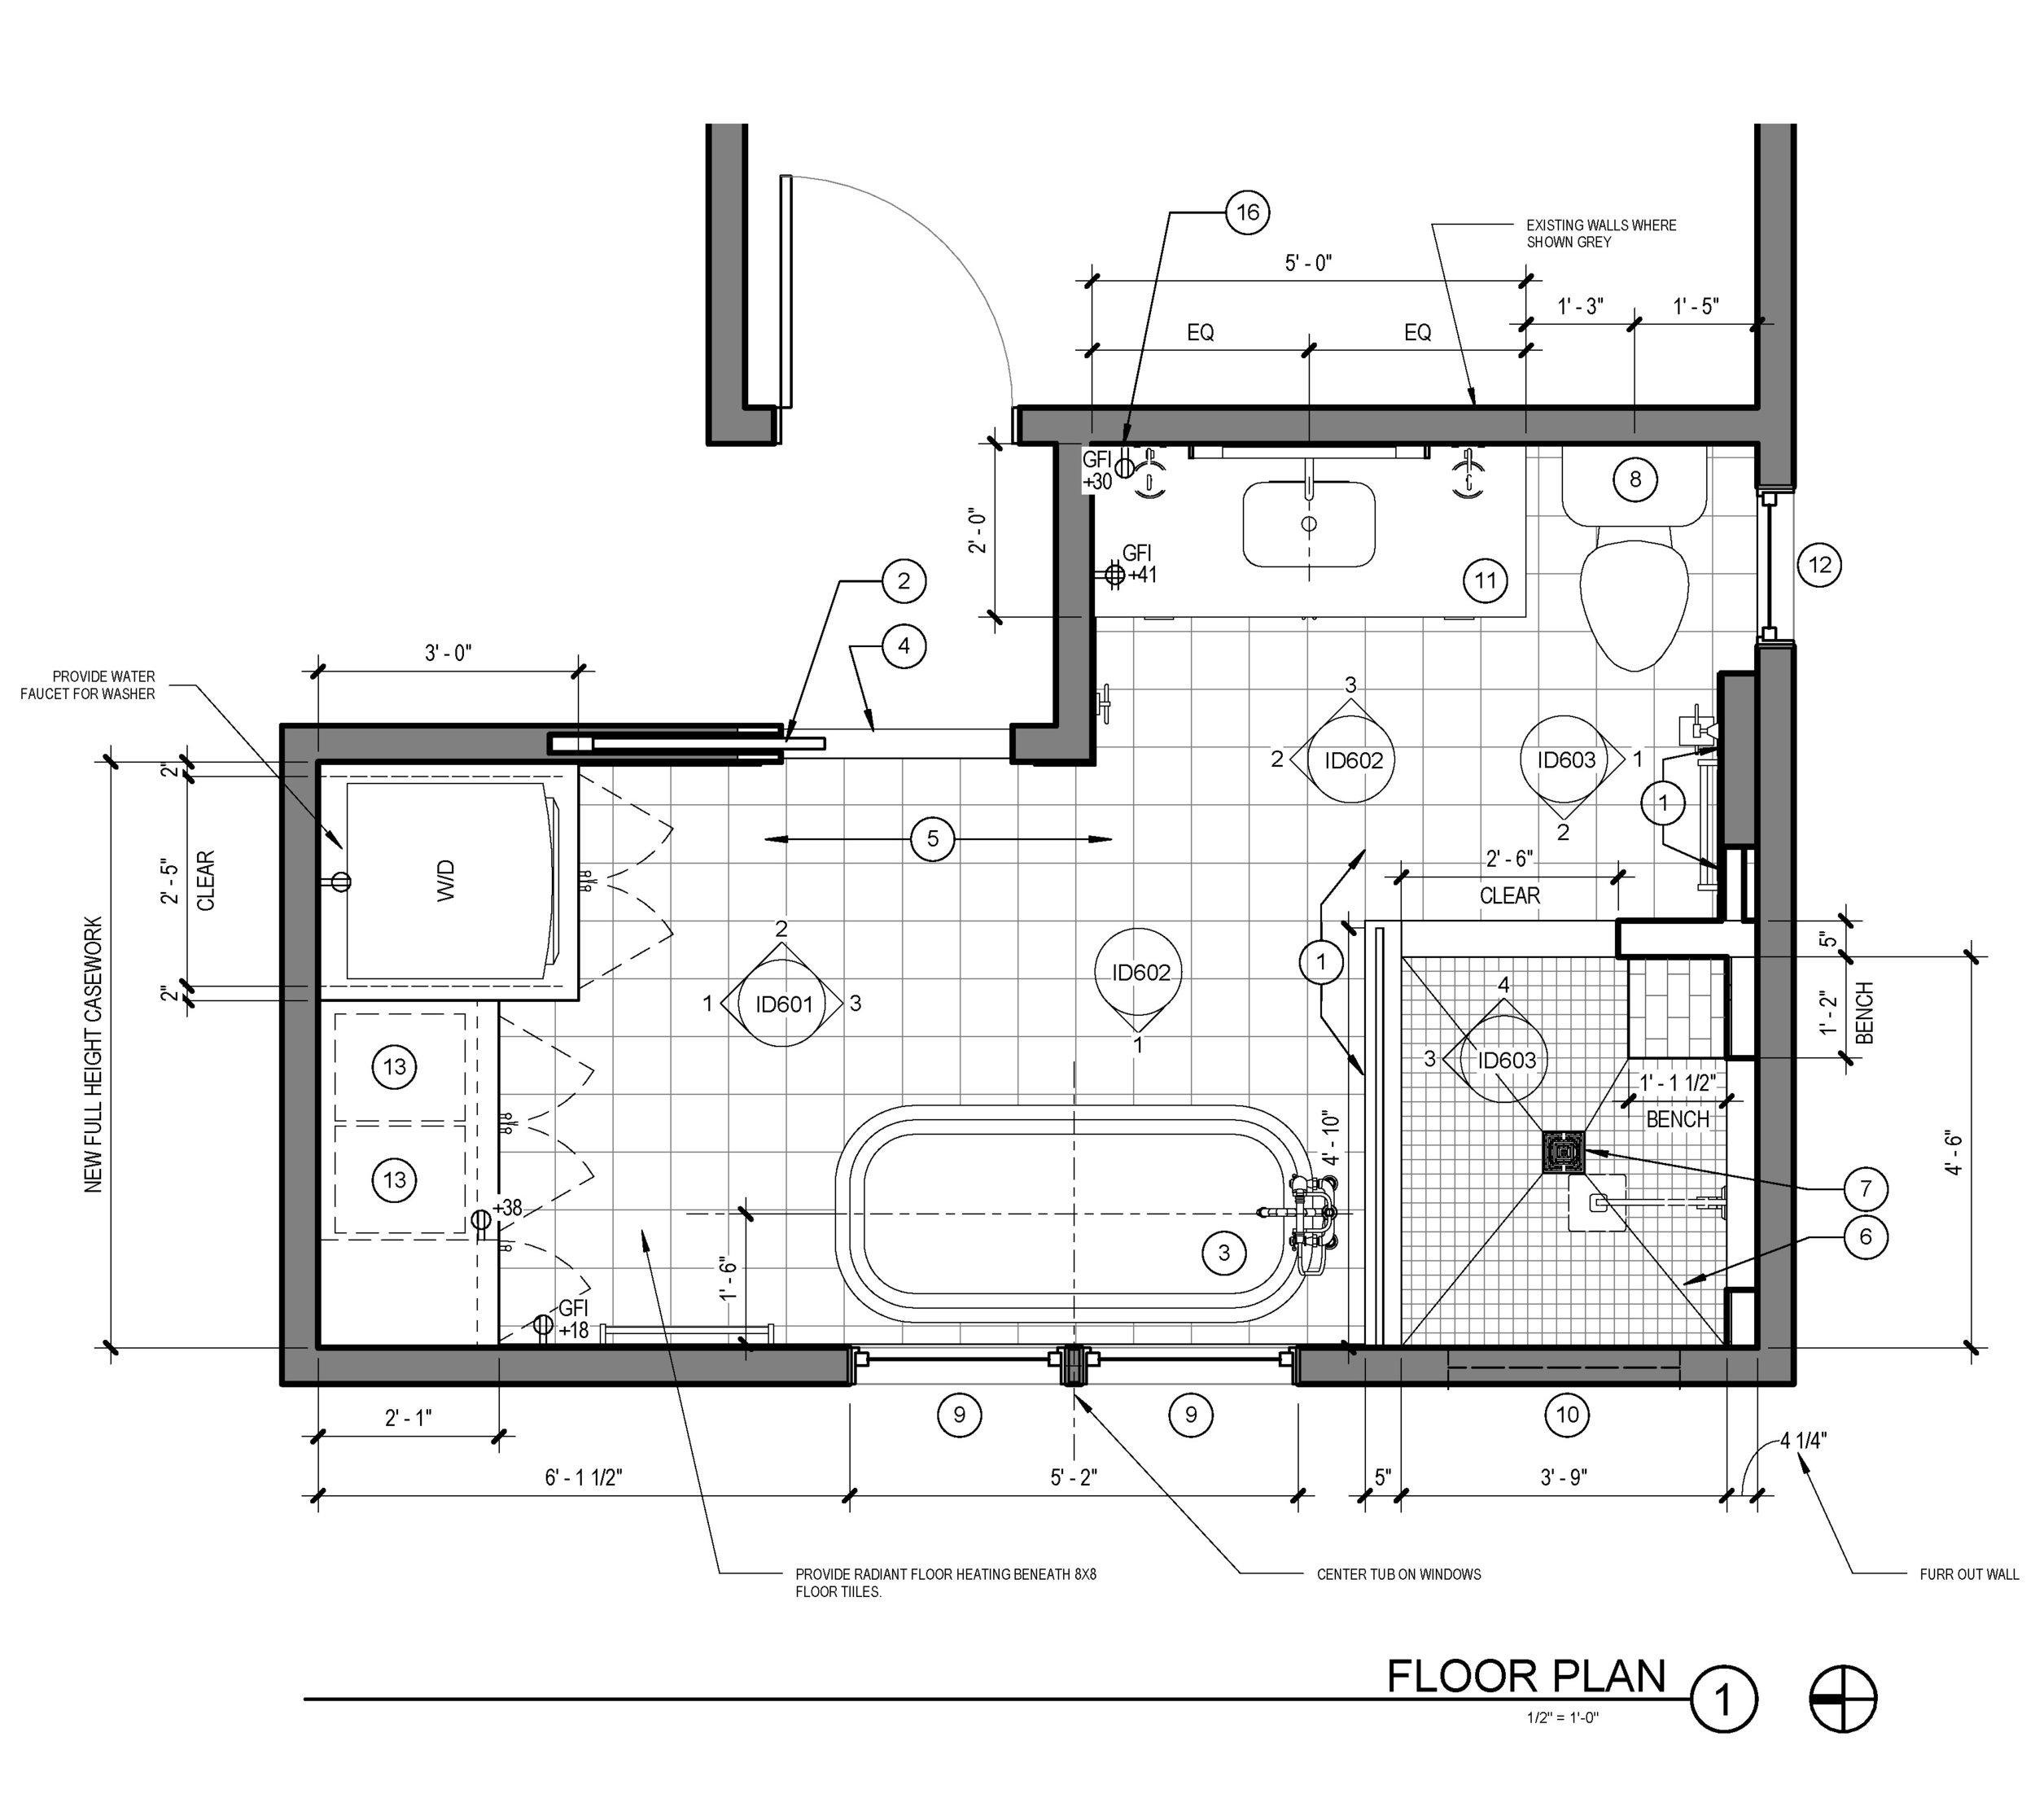 Bathroom Remodel - Floor Plan New.jpg